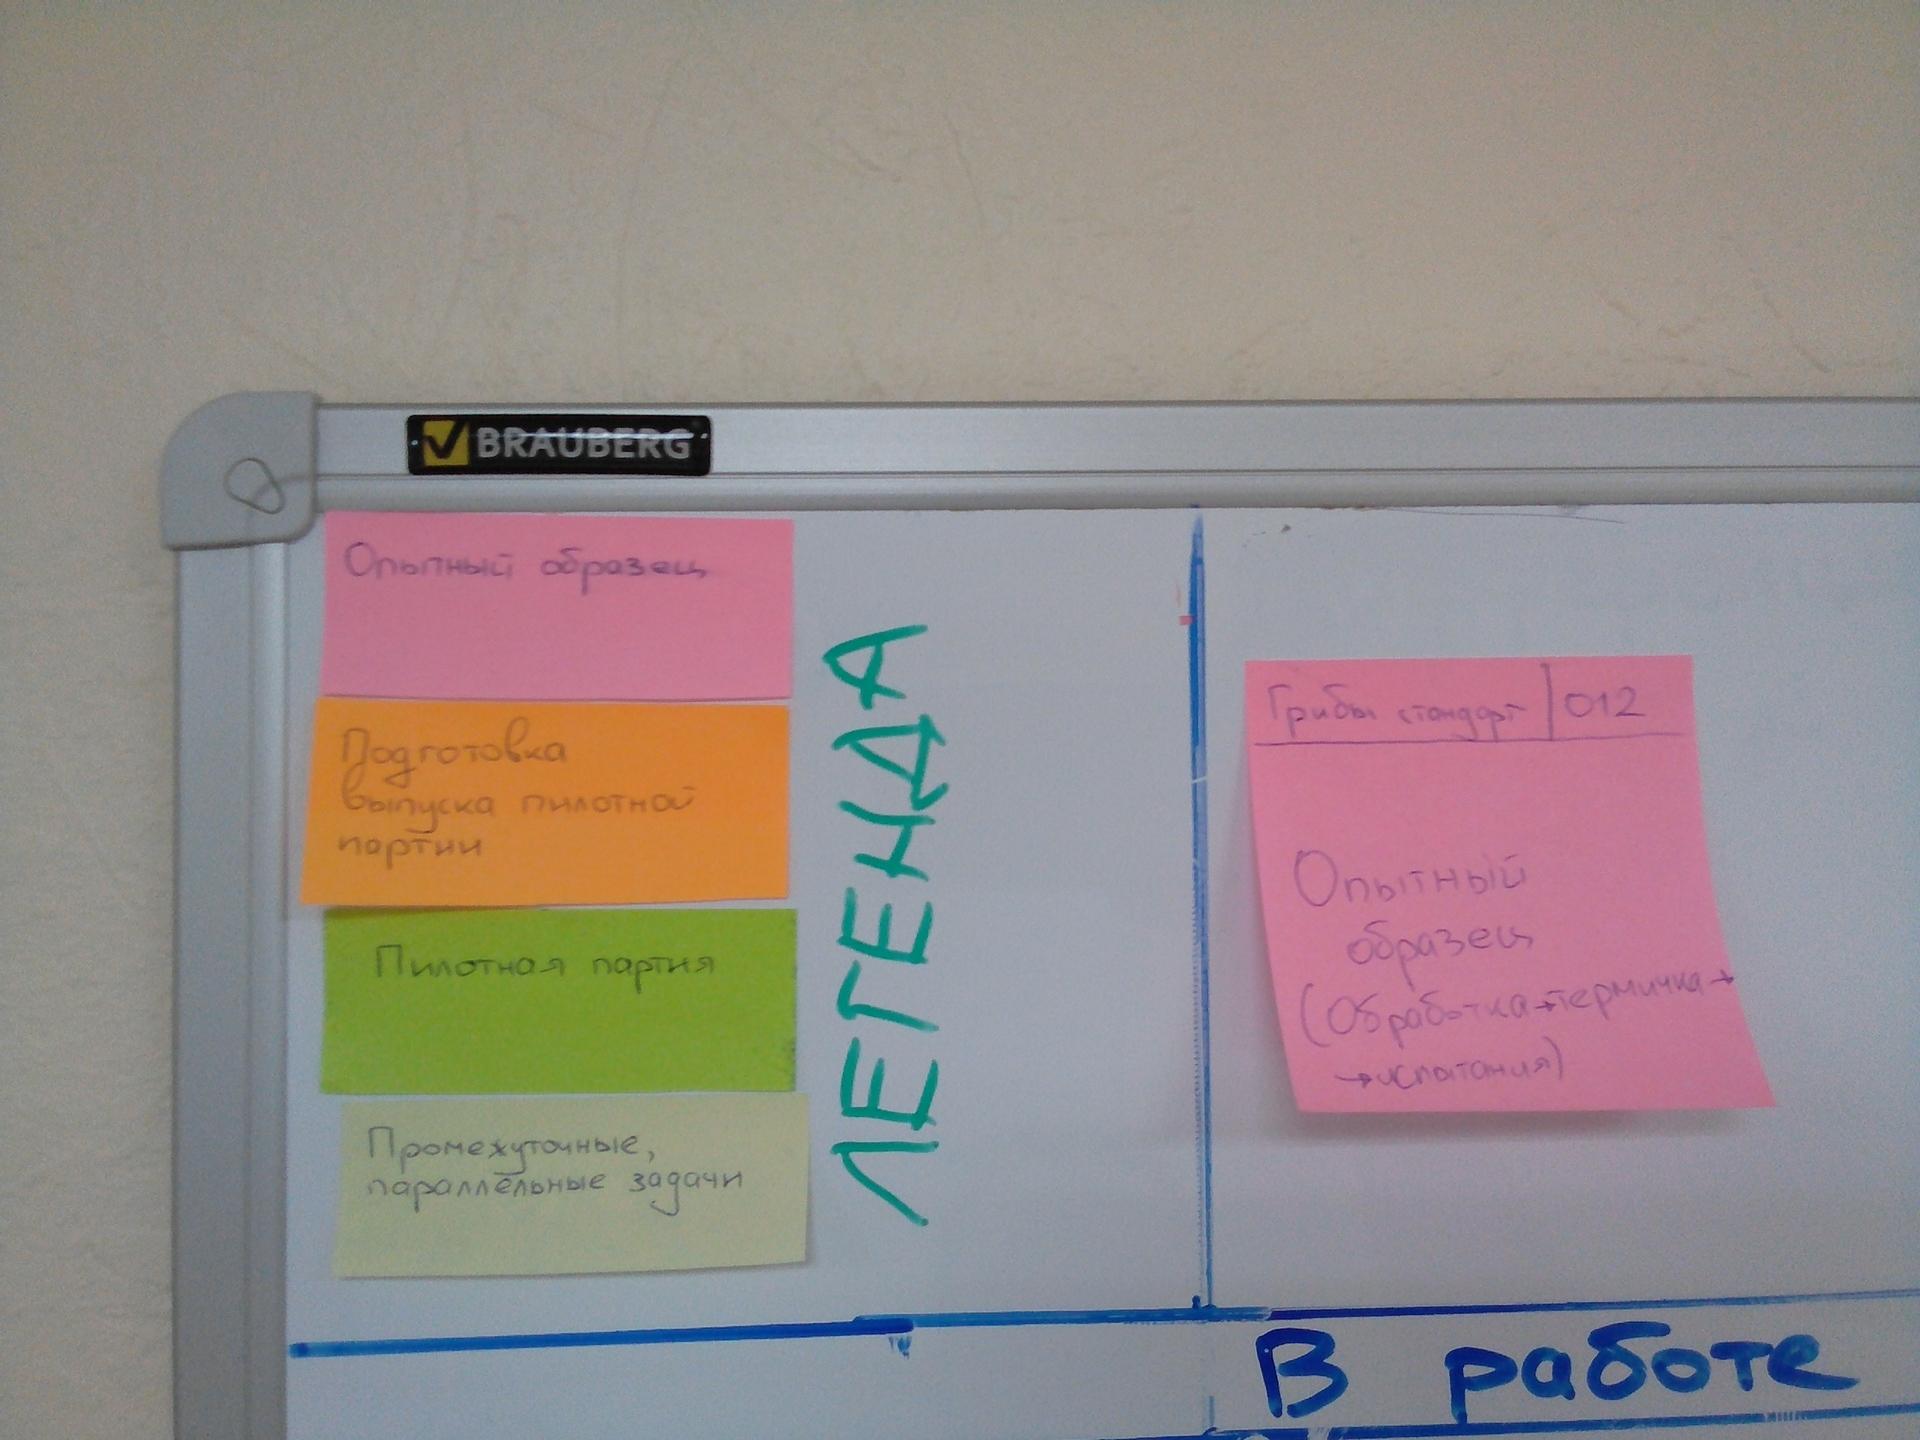 Доска канбан что это за управленческий инструмент? почему с ним результат работы команды лучше?